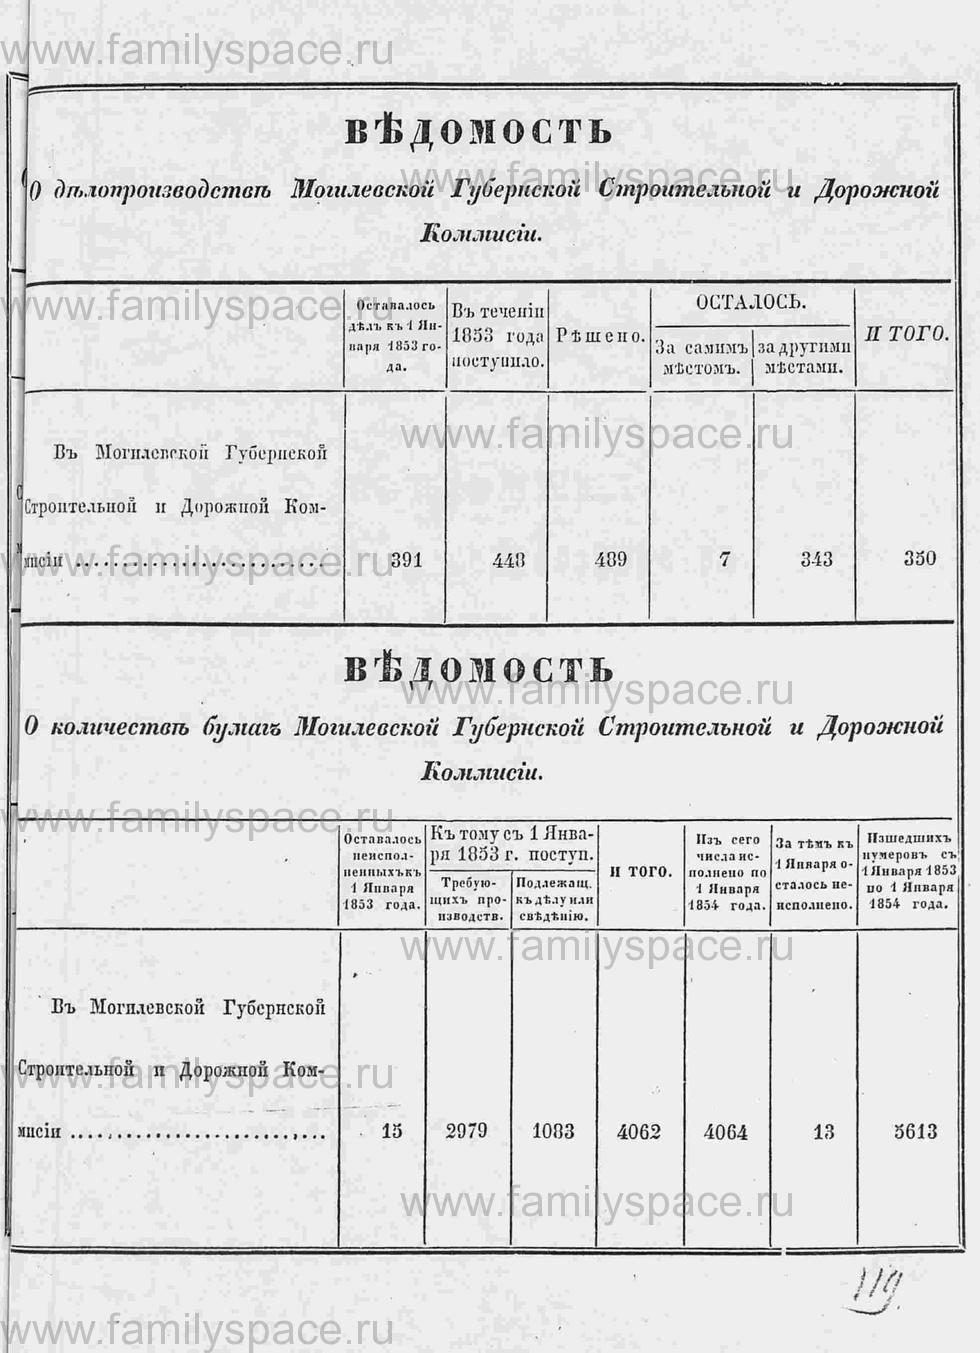 Поиск по фамилии - Памятная книга за 1853 год по Могилёвской губернии, страница 140